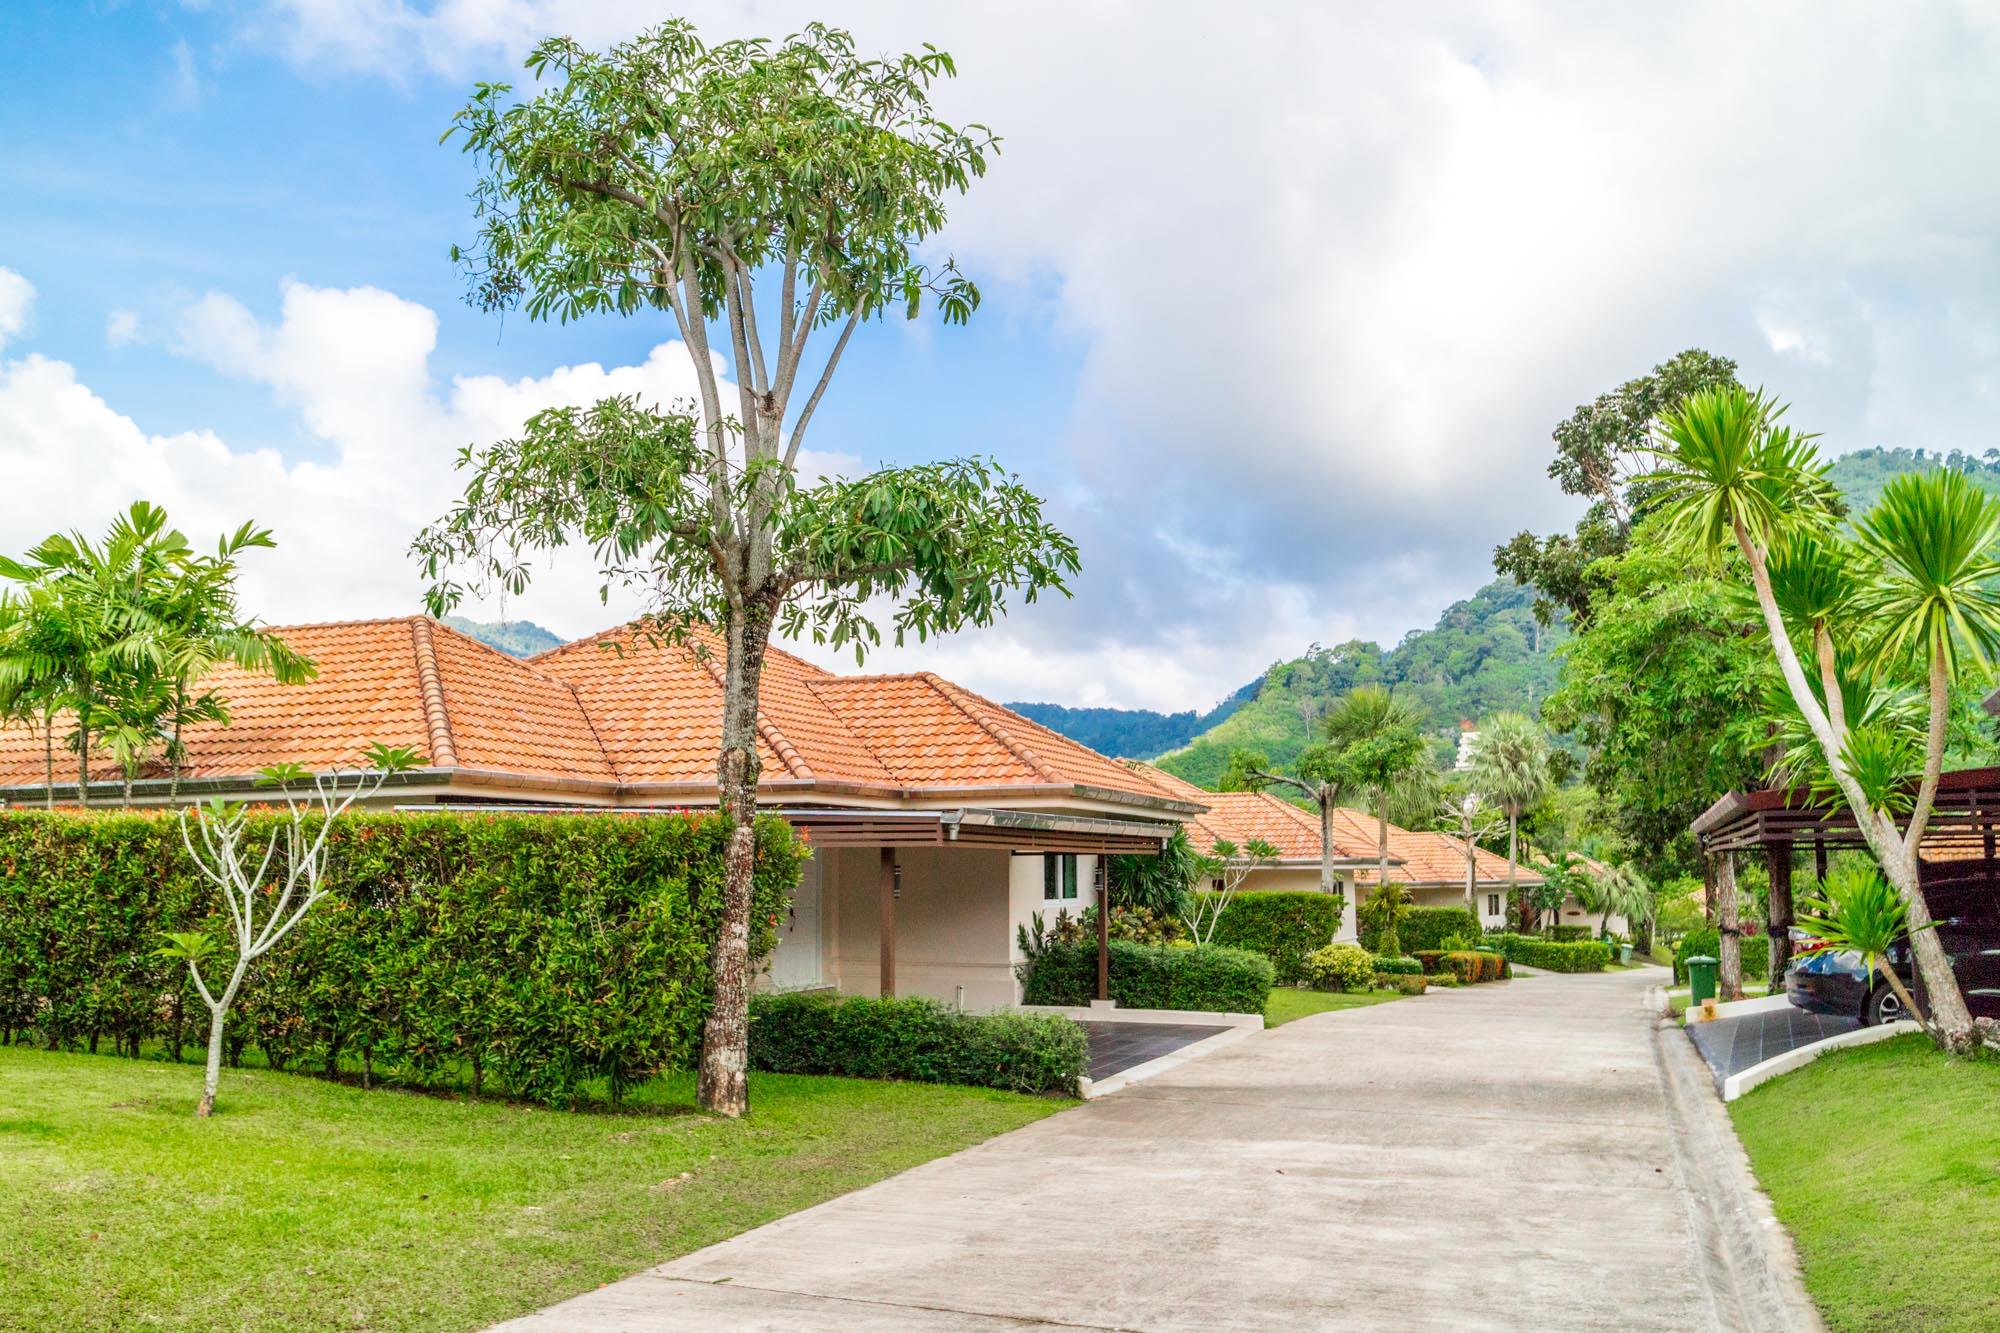 ทินิดี กอล์ฟ รีสอร์ท Tinidee Golf Resort Phuket  Tinidee Phuket ทินิดี กอล์ฟ รีสอร์ท แอท ภูเก็ต IMG 8437